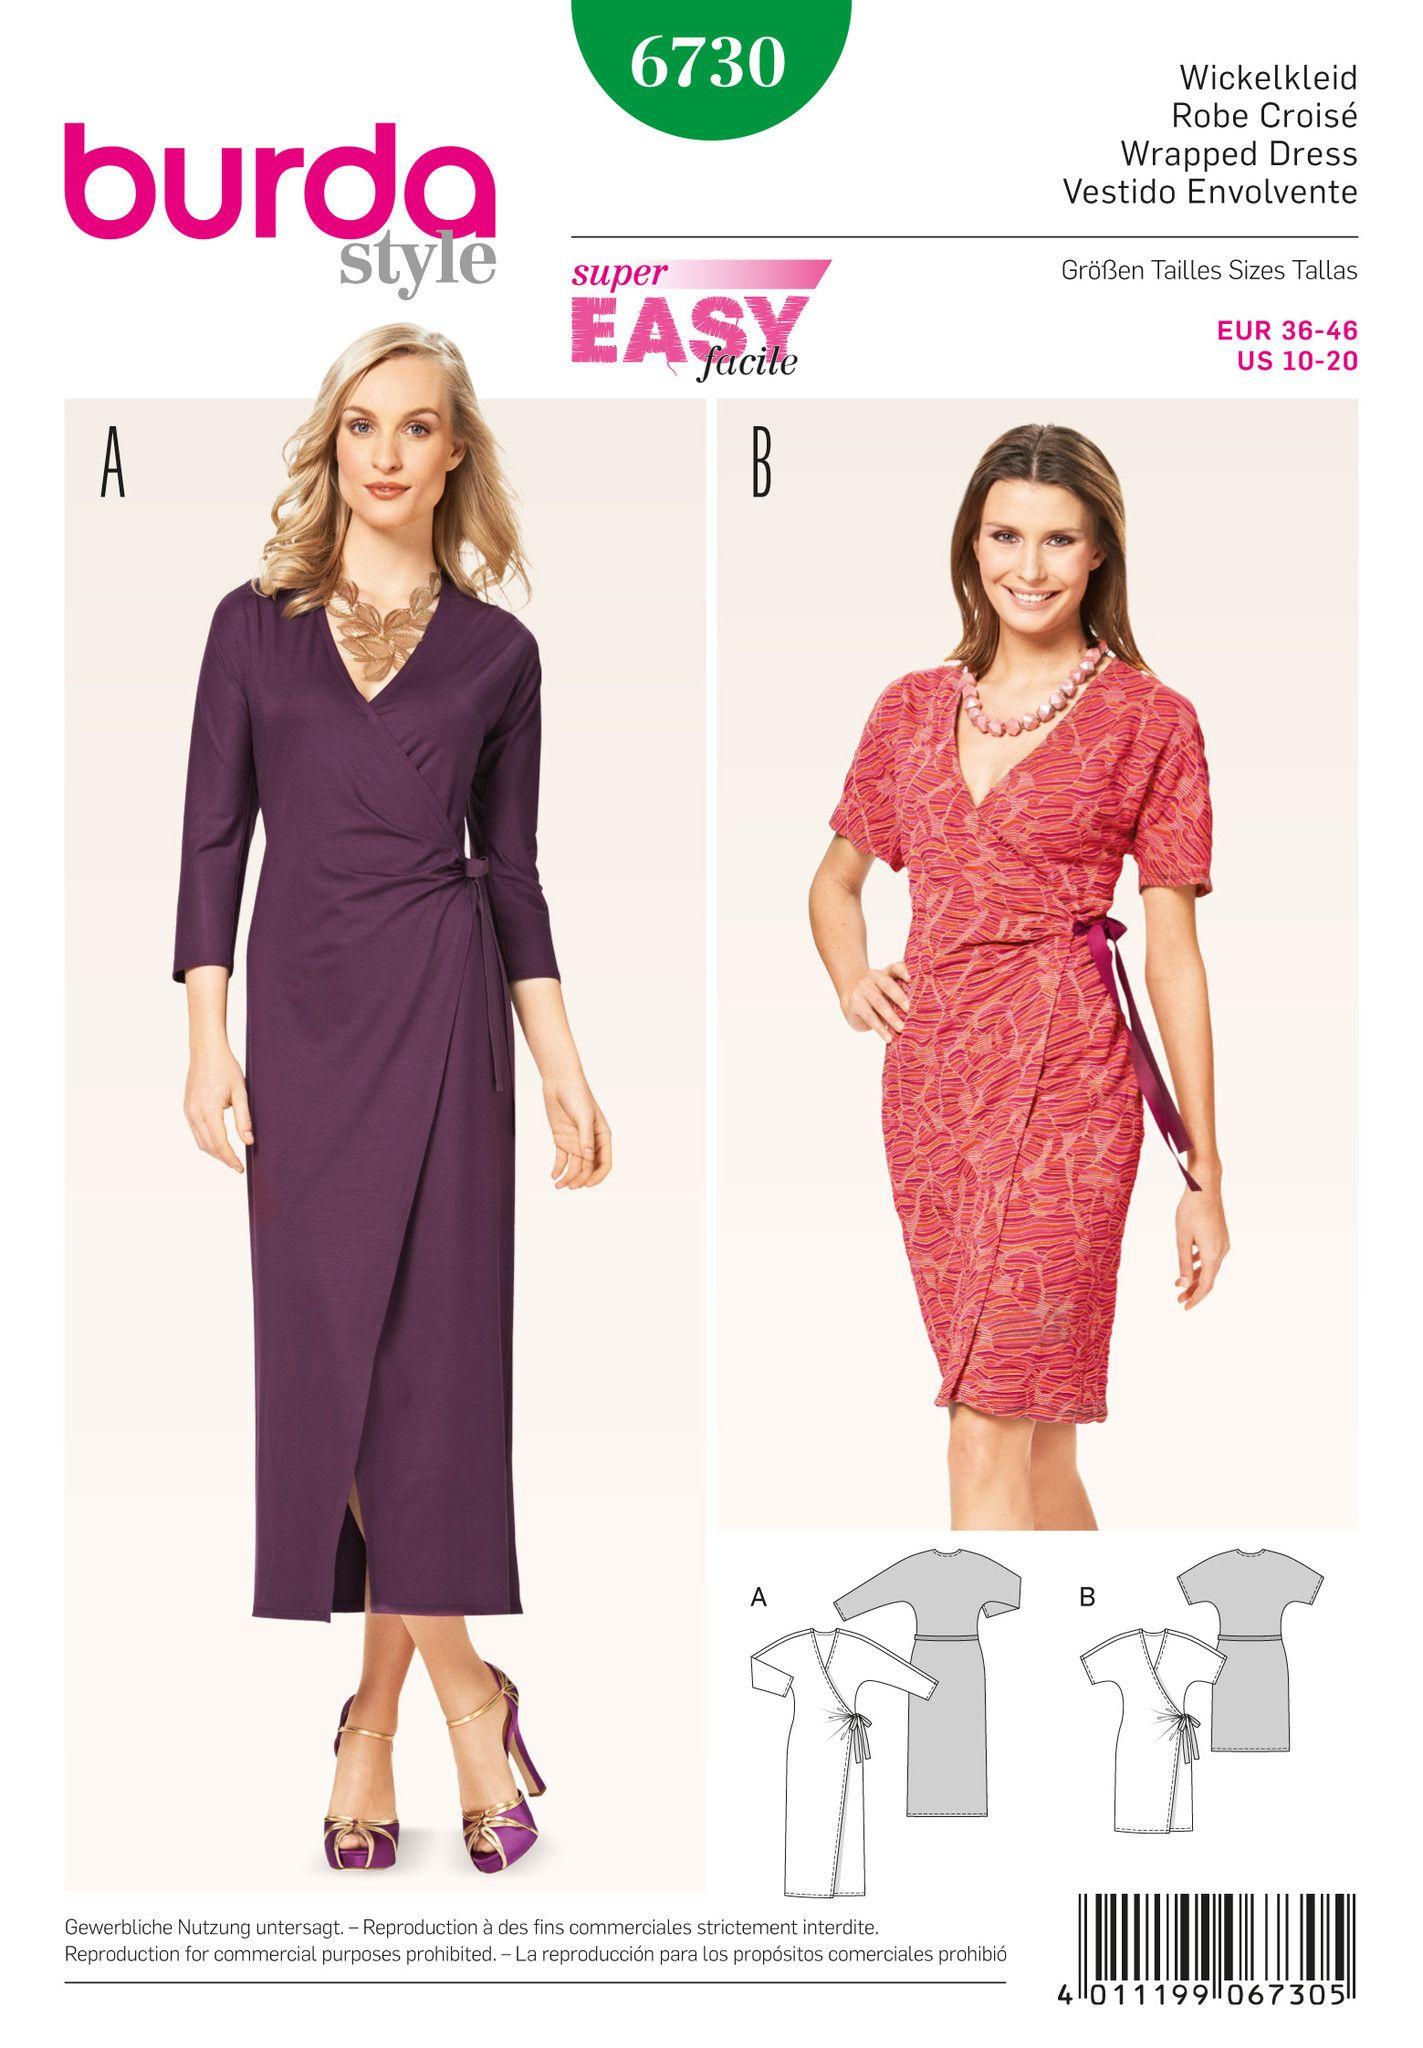 Burda pattern bd6877 misses wrap dress jaycotts sewing burda pattern bd6877 misses wrap dress jaycotts sewing supplies jeuxipadfo Choice Image